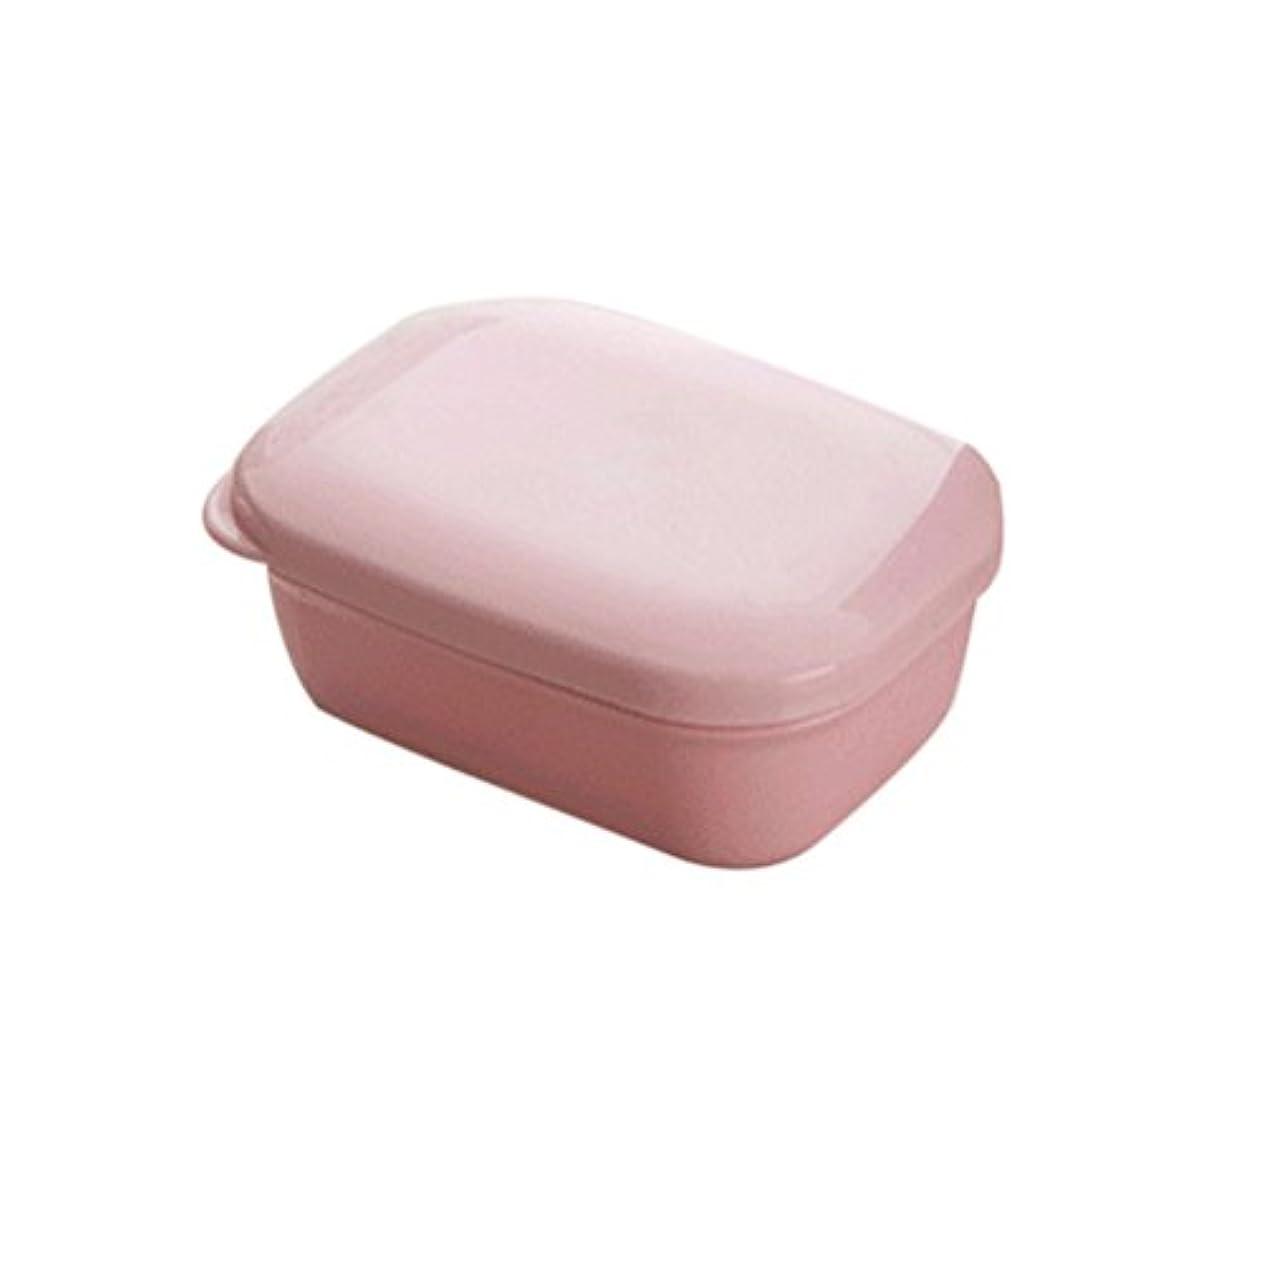 繁栄冒険導体BESTOMZ 石鹸ケース 石鹸置き ソープディッシュ 旅行用 携帯 ふた付け(ピンク)